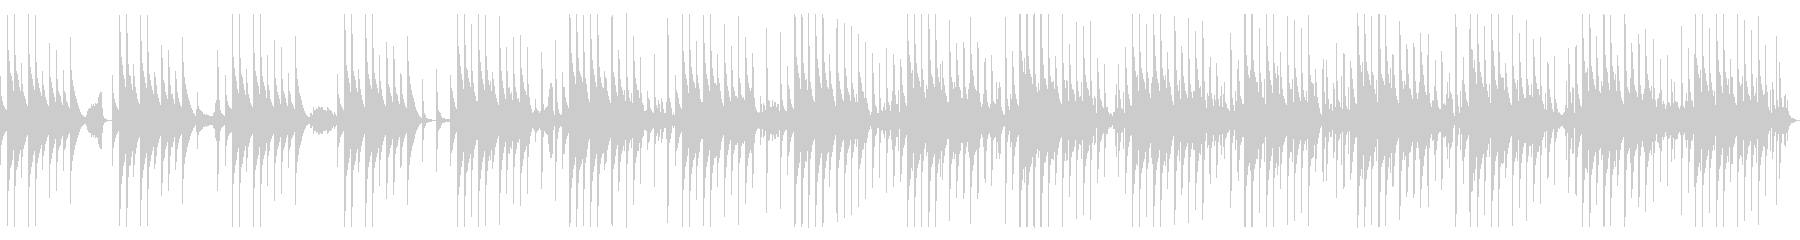 ピタゴラスイッチ風コミカルに焦るBGMの未再生の波形